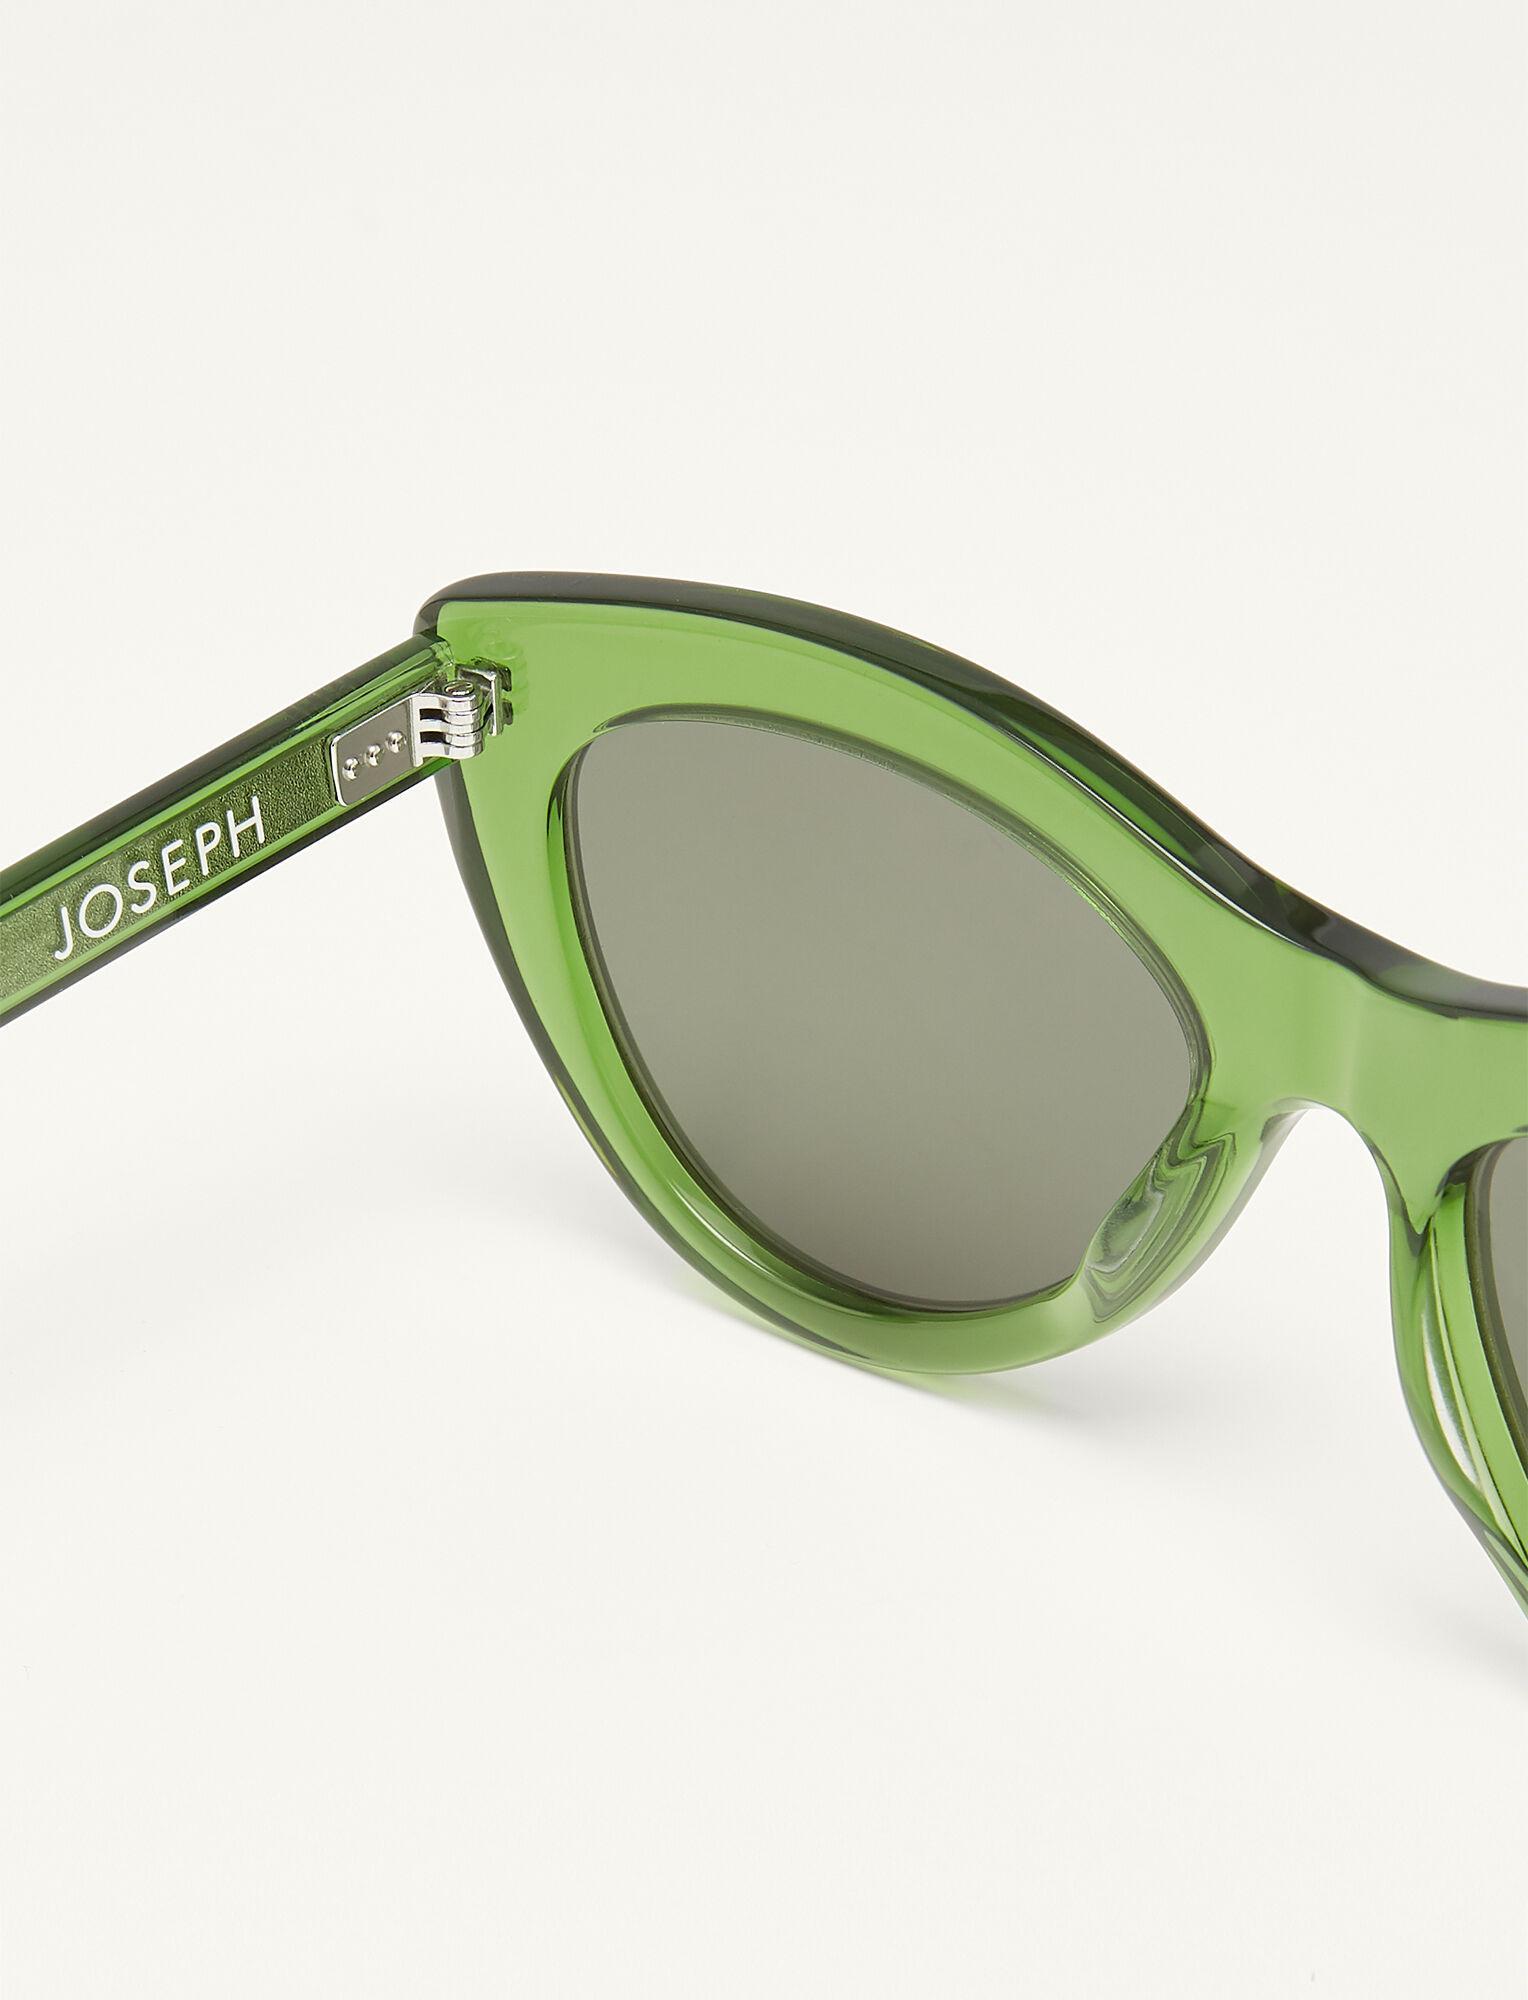 JOSEPH Montaigne Sunglasses in Green